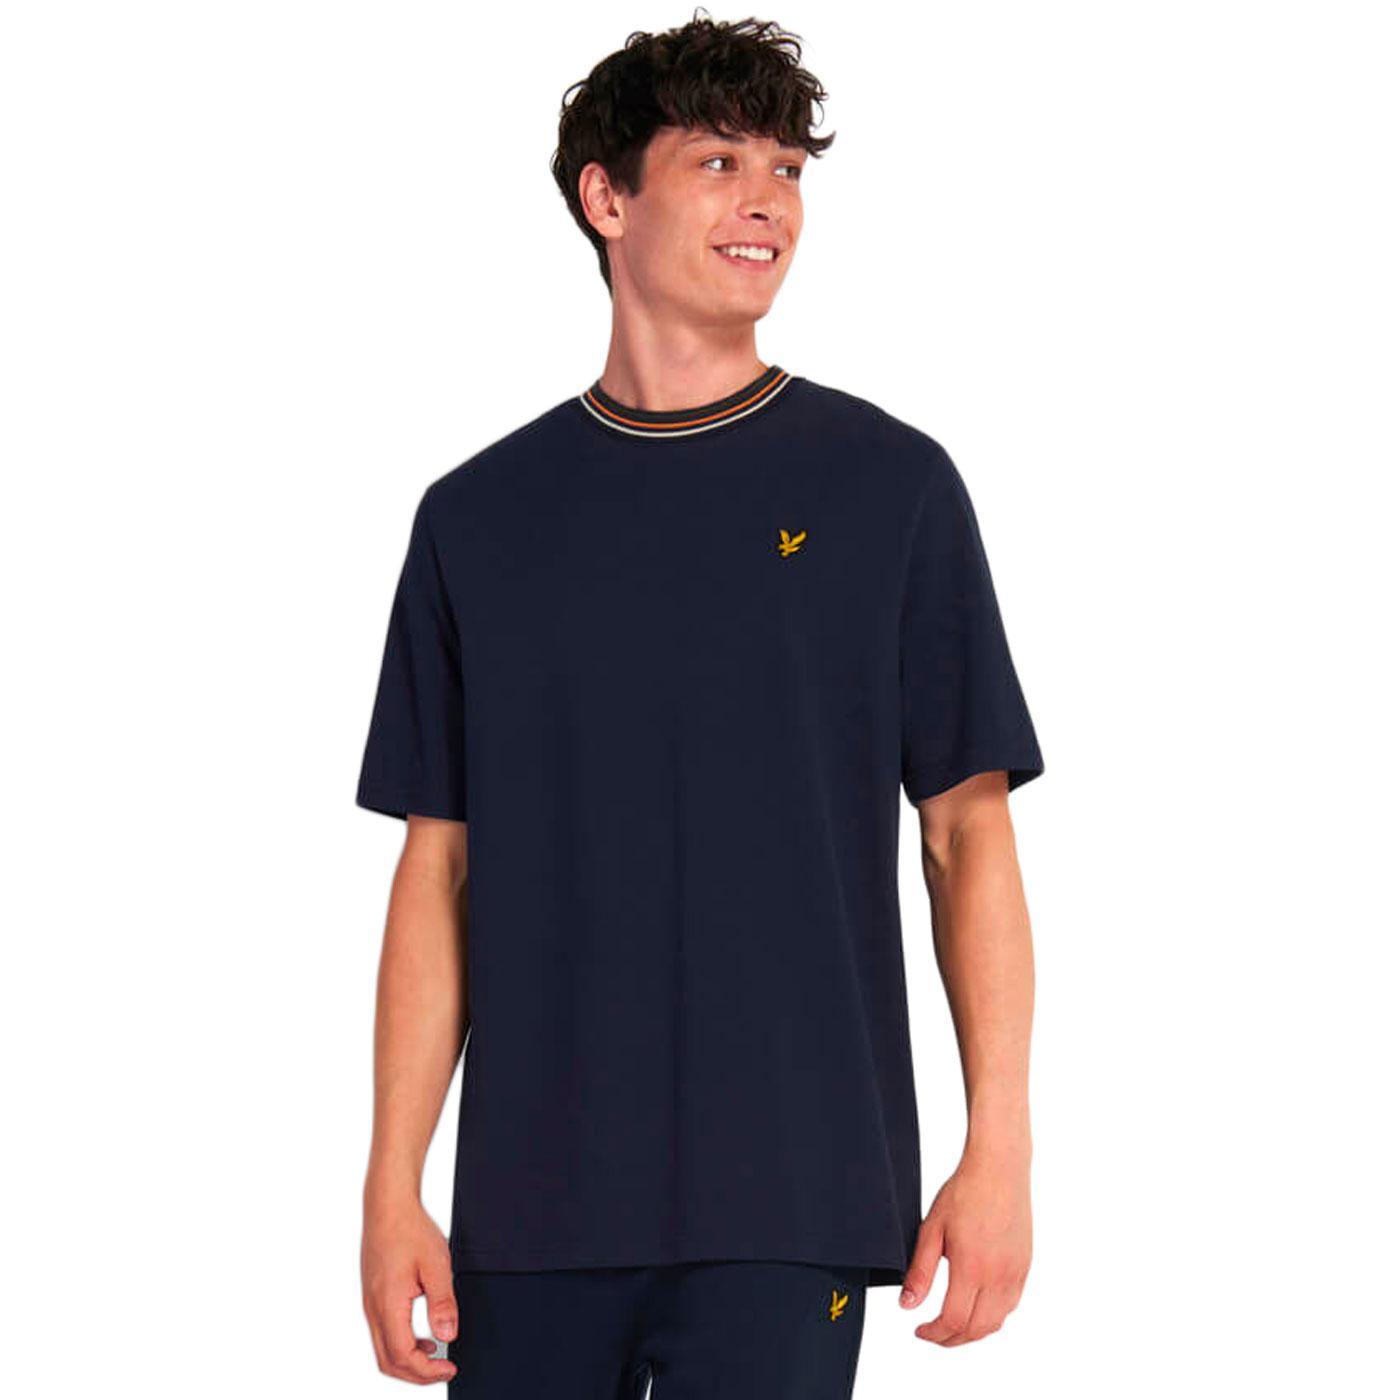 LYLE & SCOTT Retro Mod Tipped T-Shirt in Dark Navy